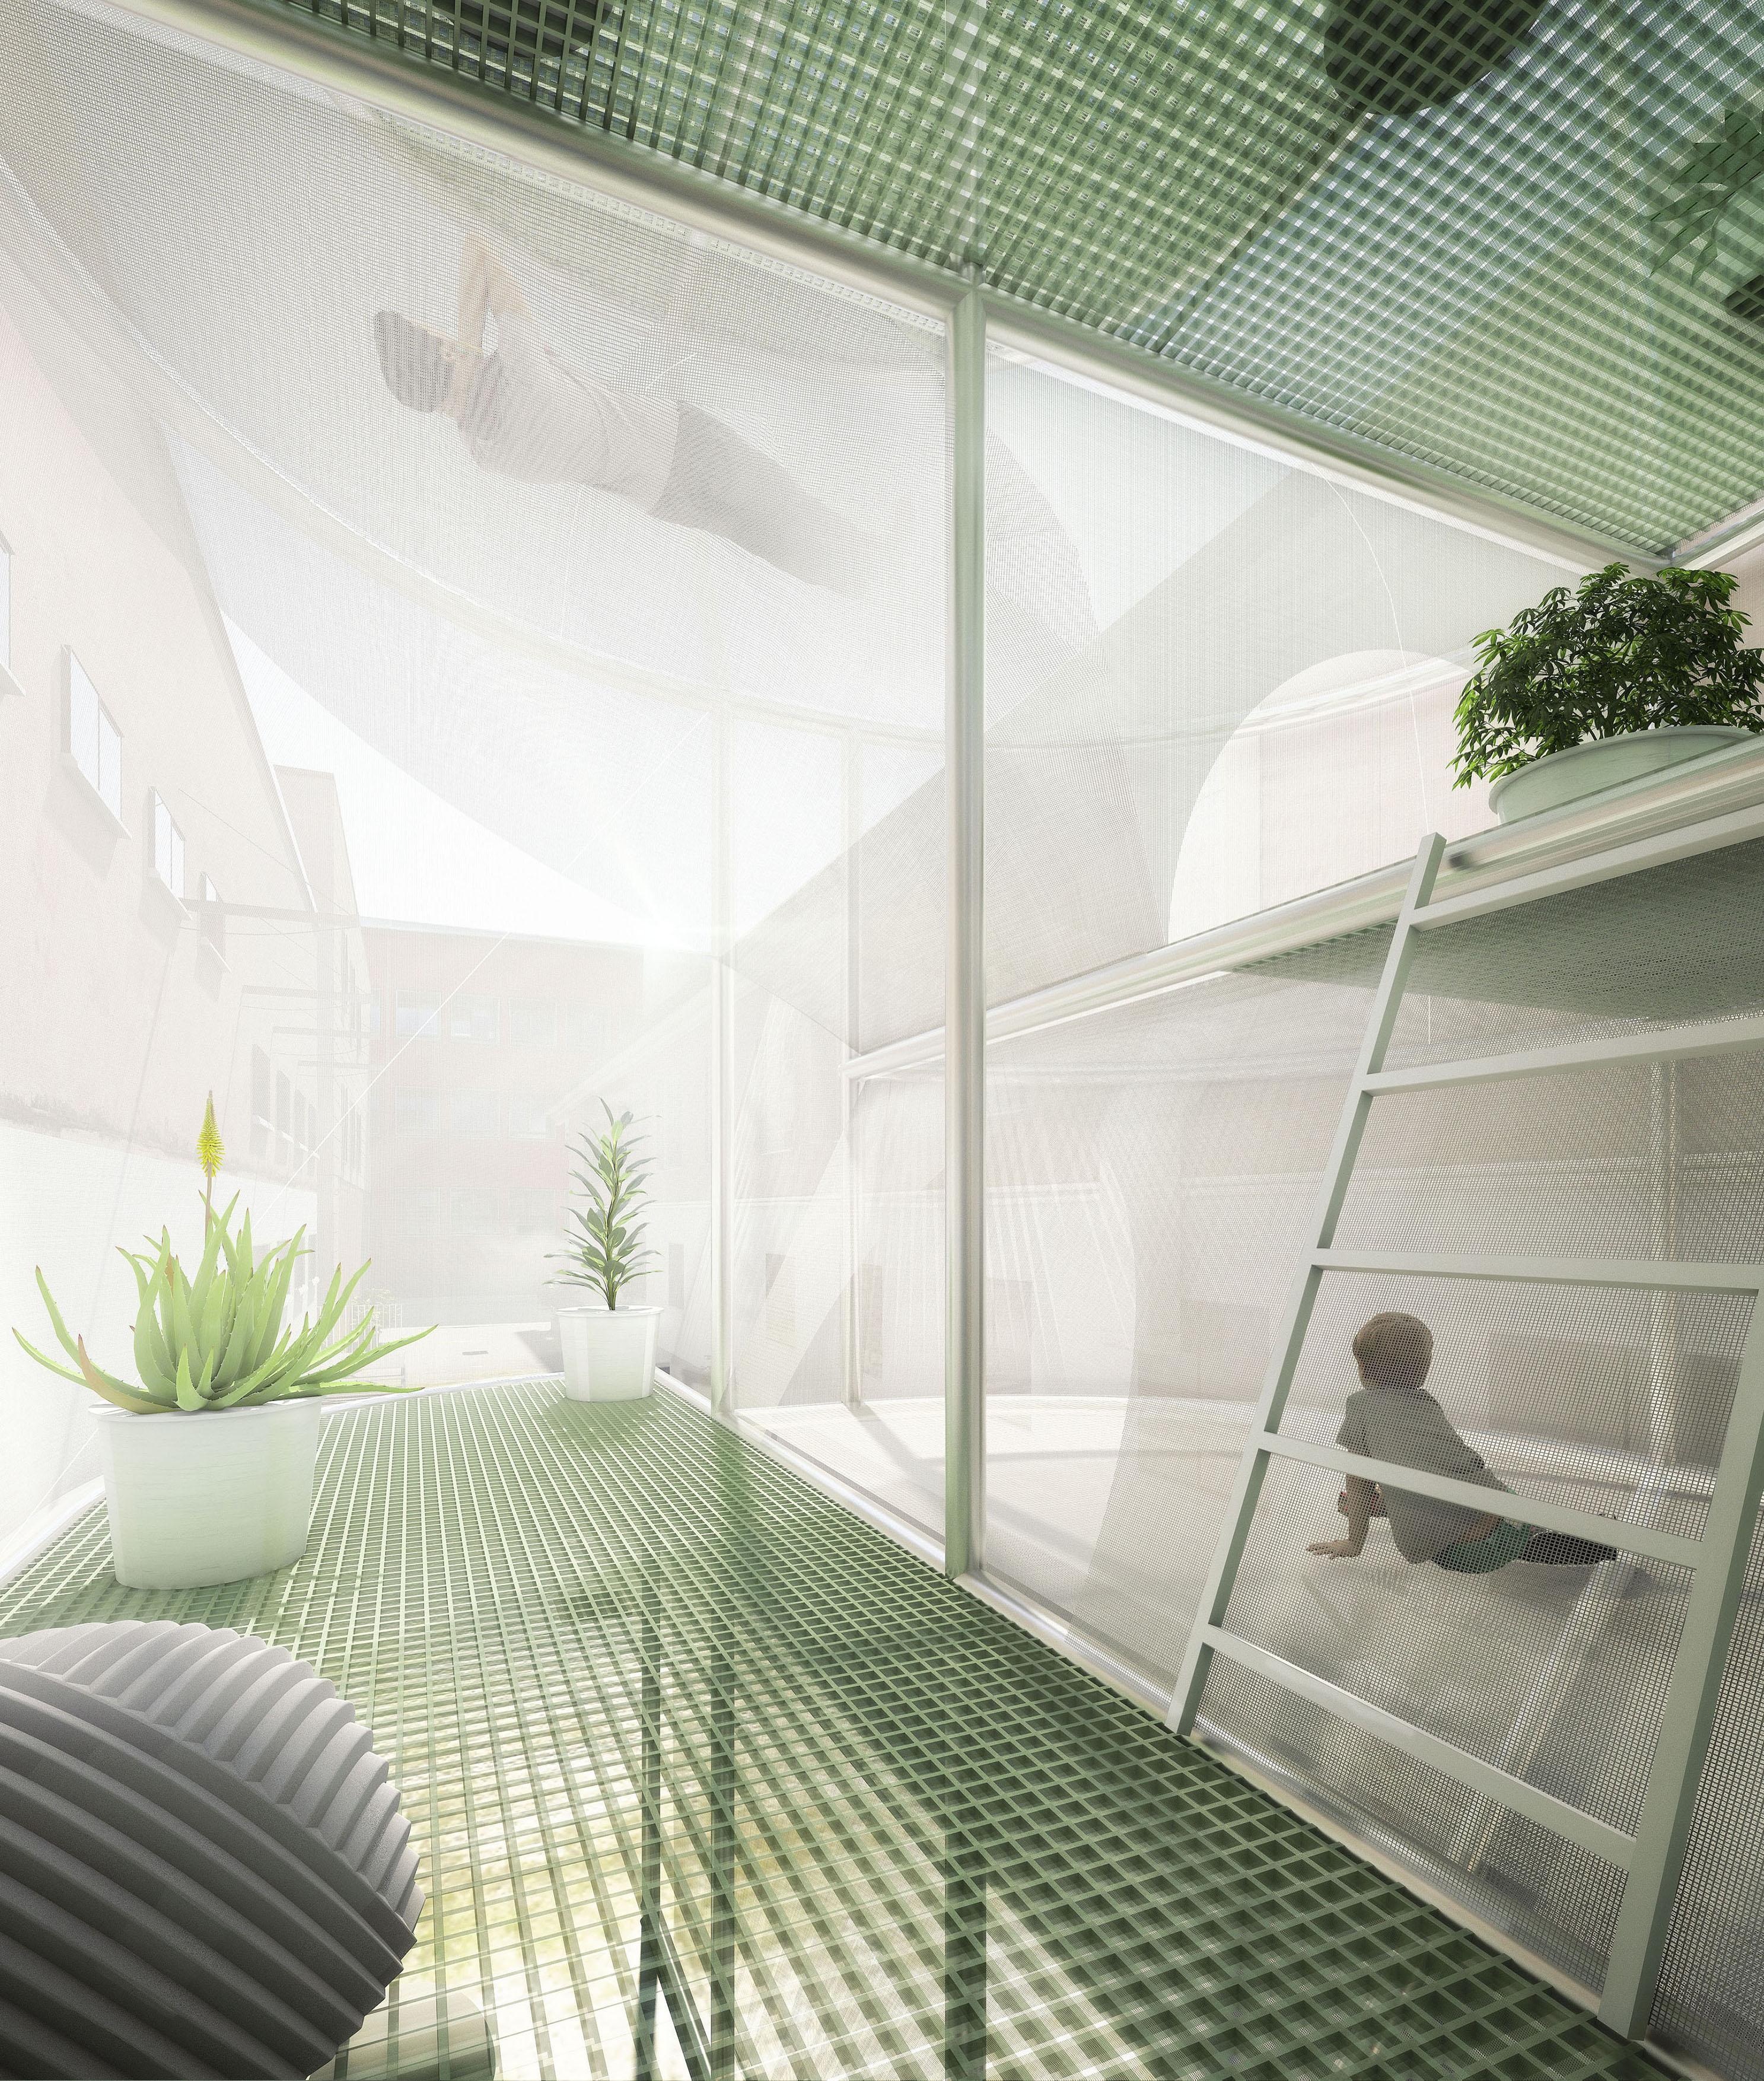 Mini living, lo spazio sostenibile del futuro